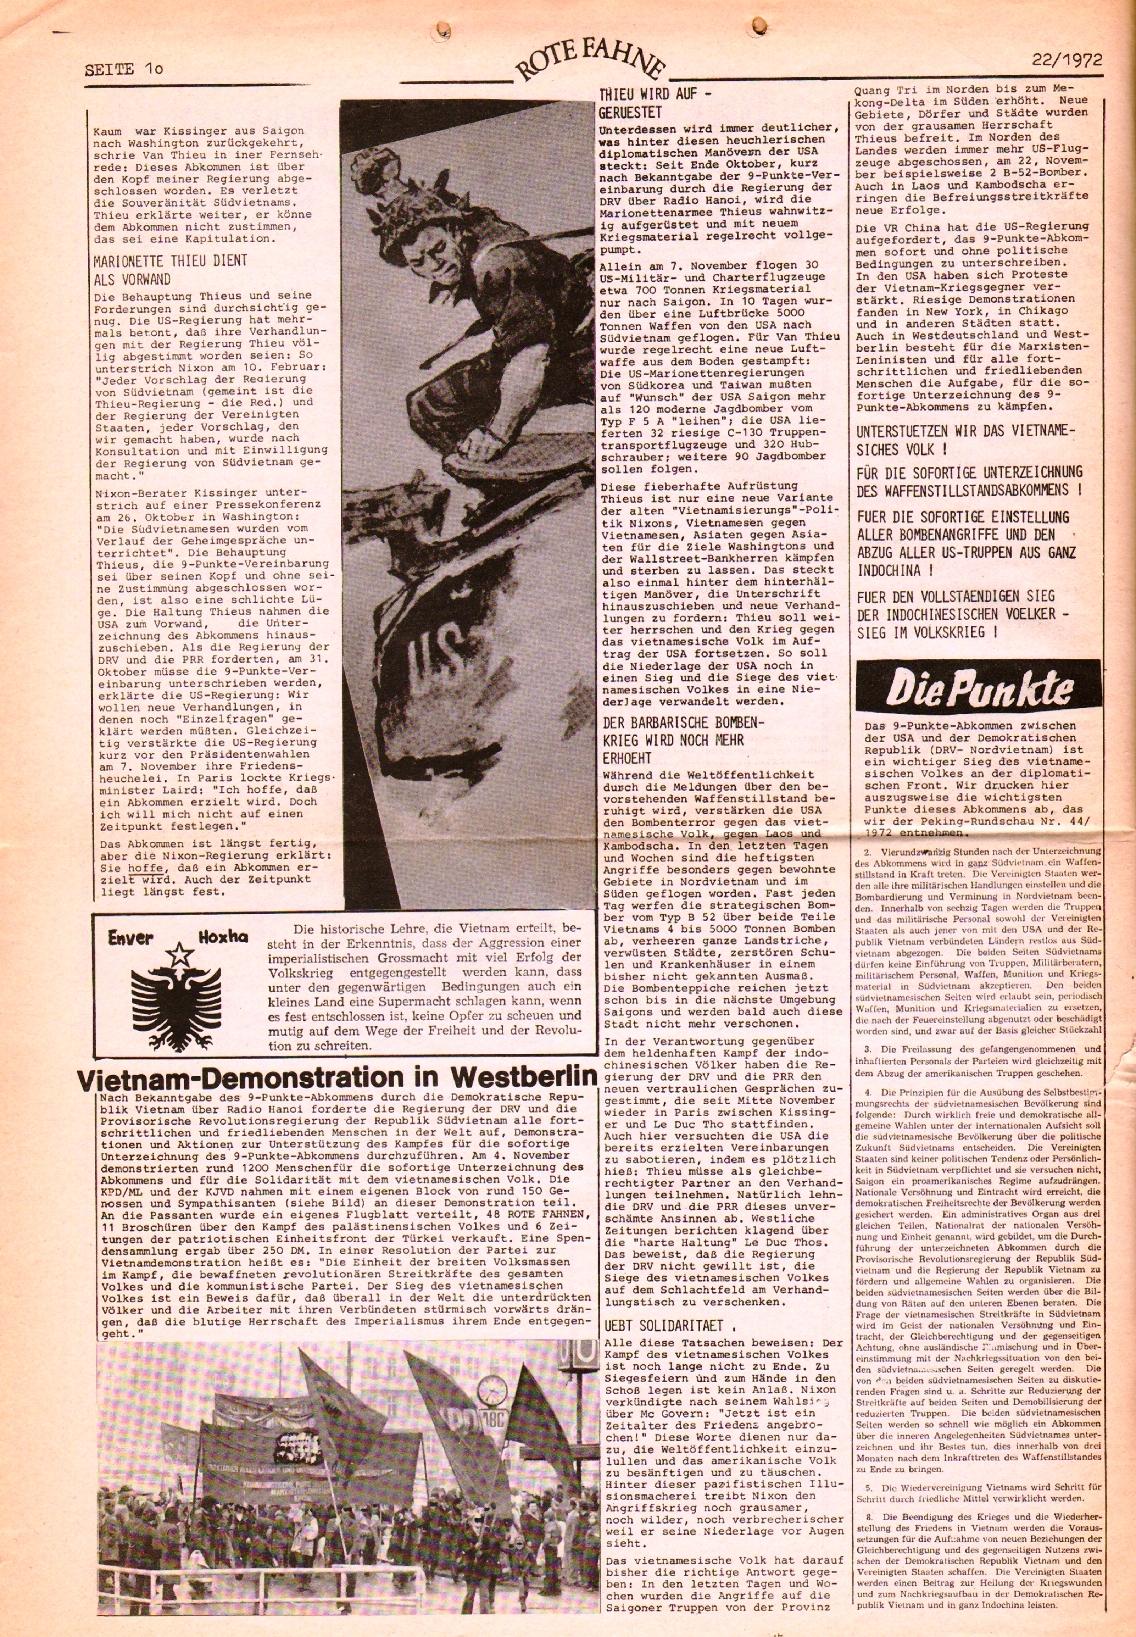 Rote Fahne, 3. Jg., 1.12.1972, Nr. 22, Seite 10